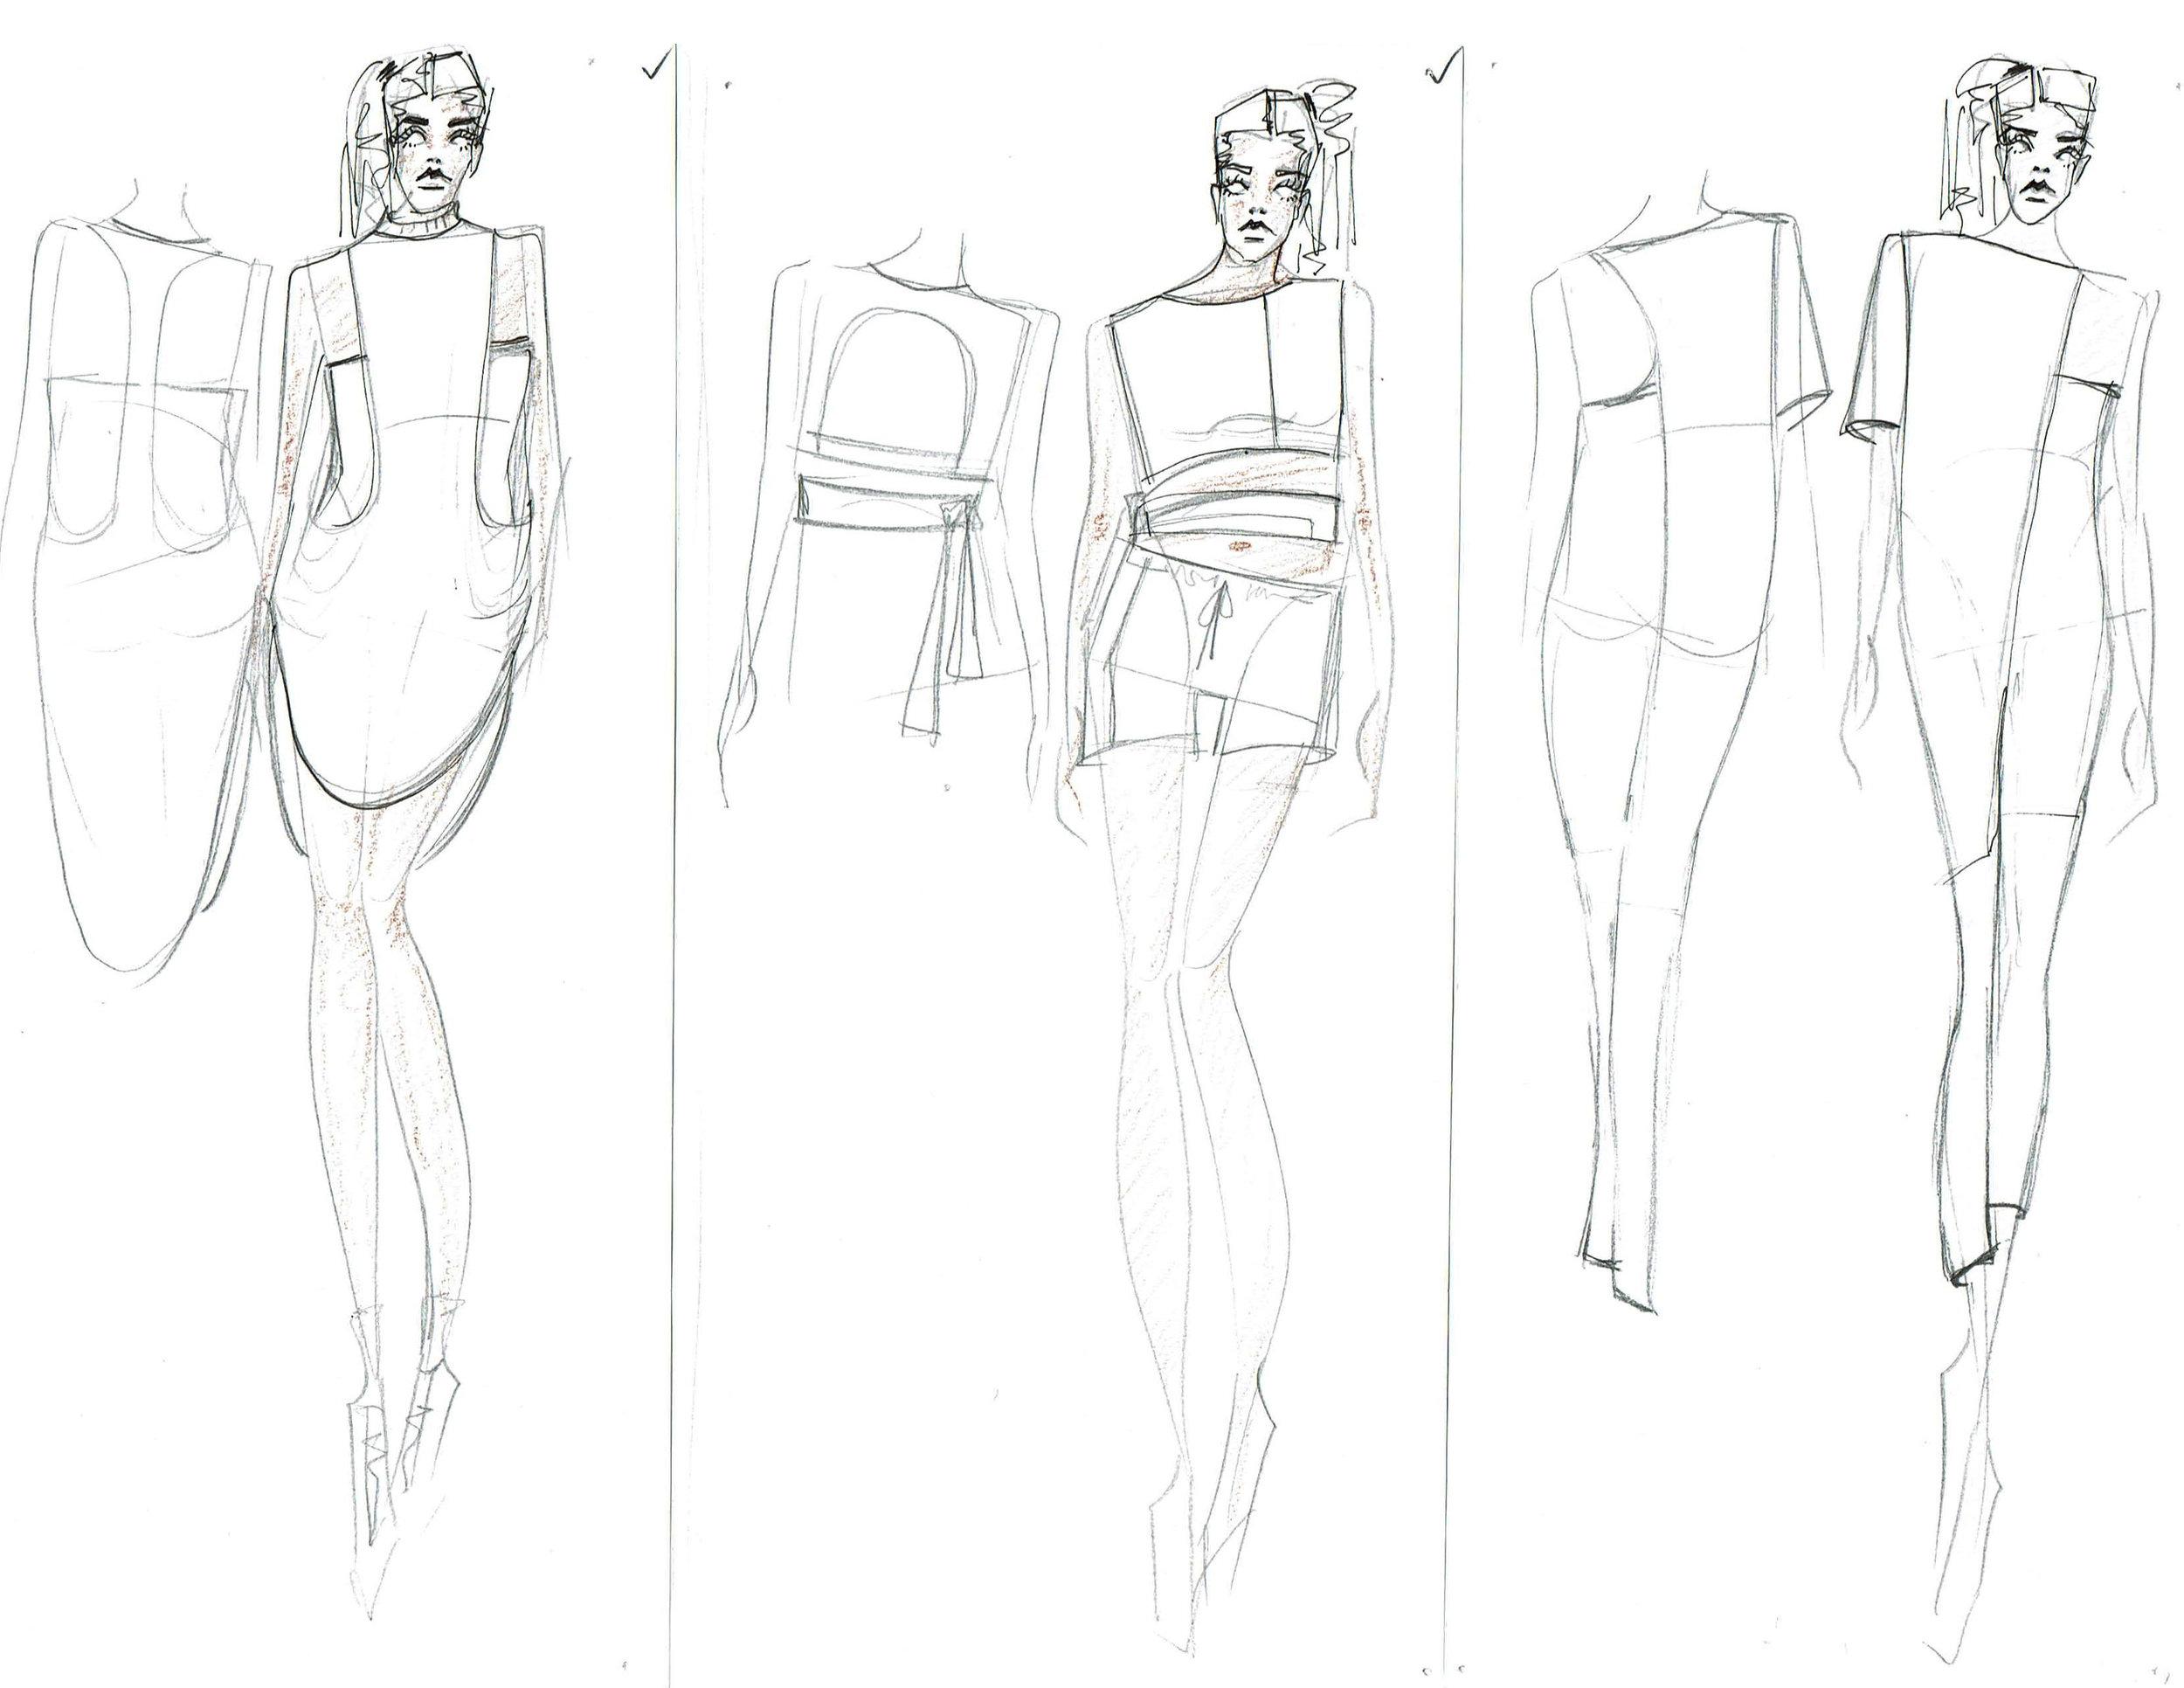 sketches1 copy copy.jpg